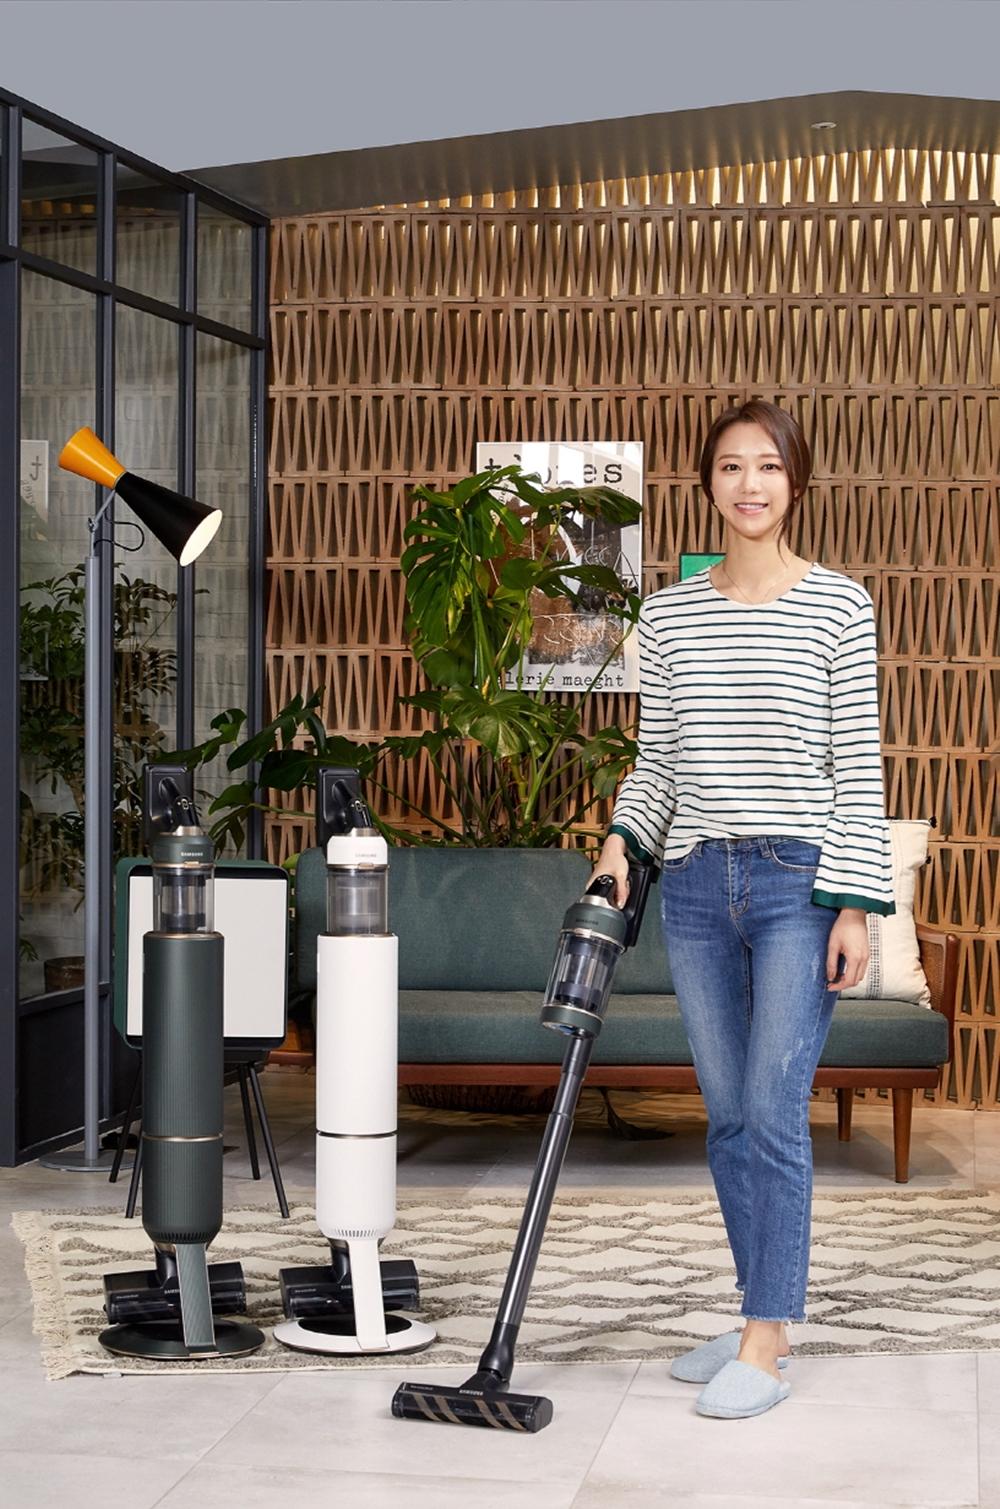 삼성전자 모델이 삼성디지털프라자 강남본점에서 '비스포크 제트' 무선청소기 신제품을 소개하고 있다.